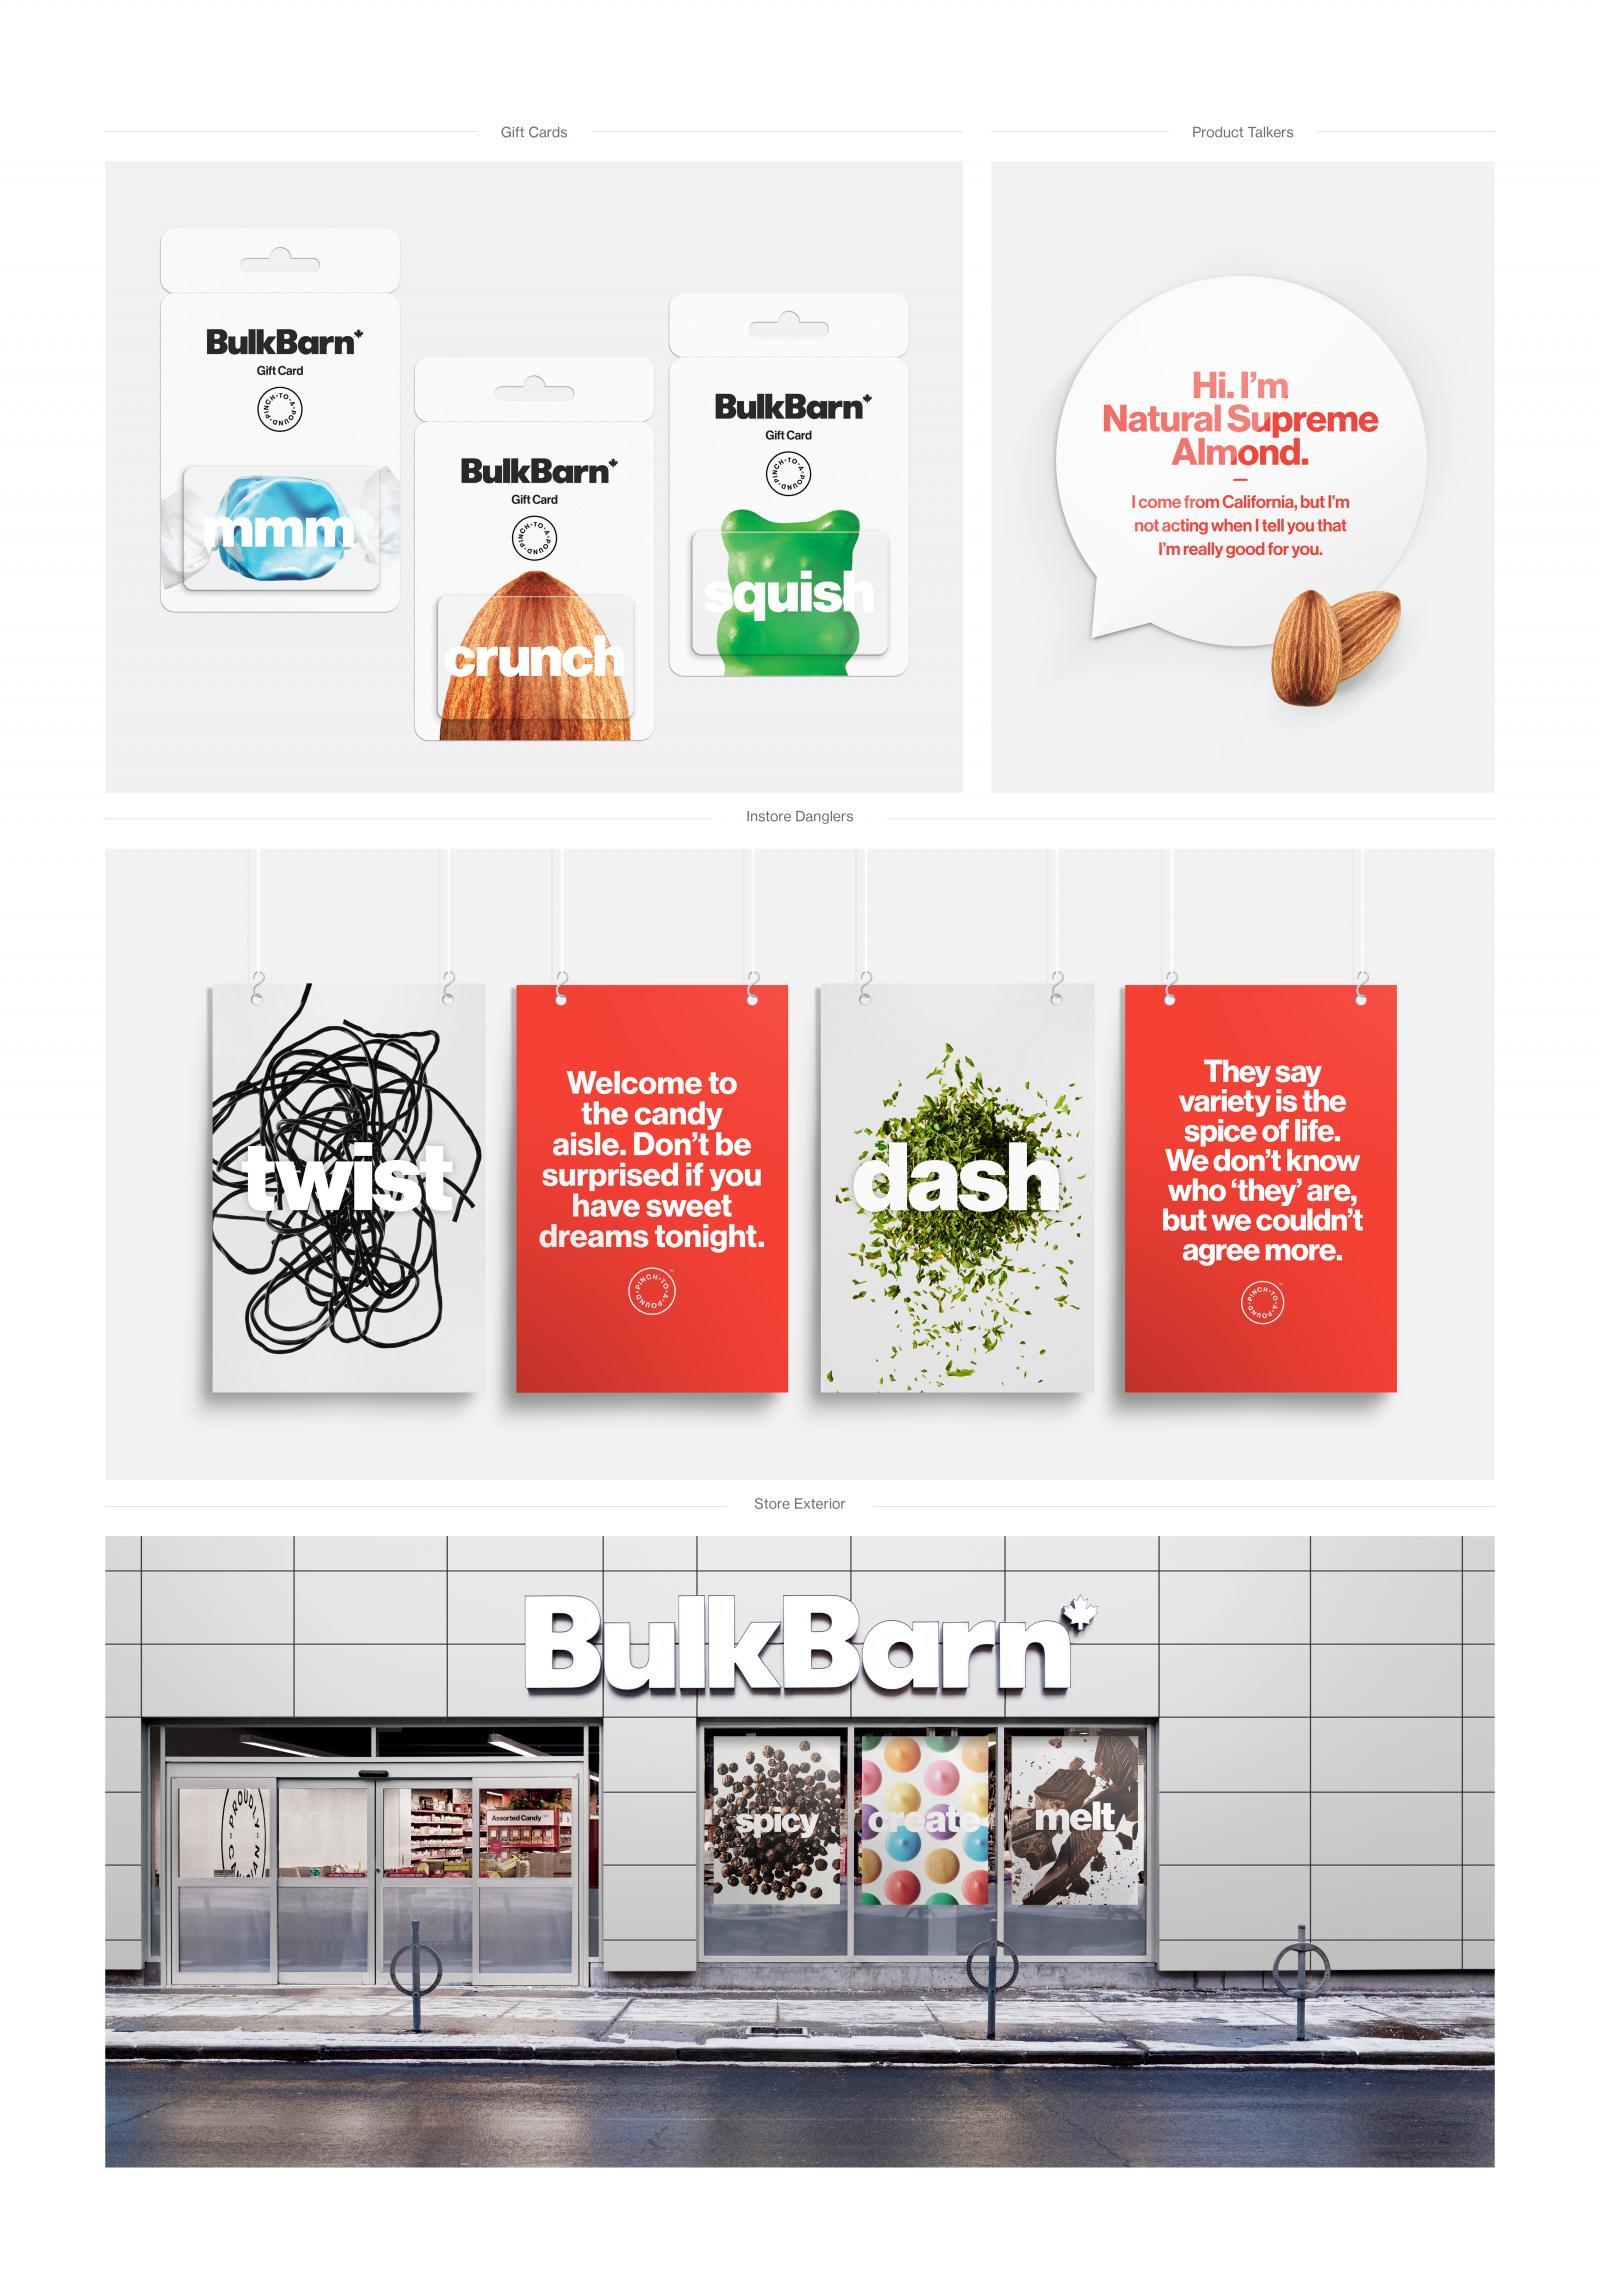 bulk-barn-bulk-barn-rebrand-2-1600-72339.jpg